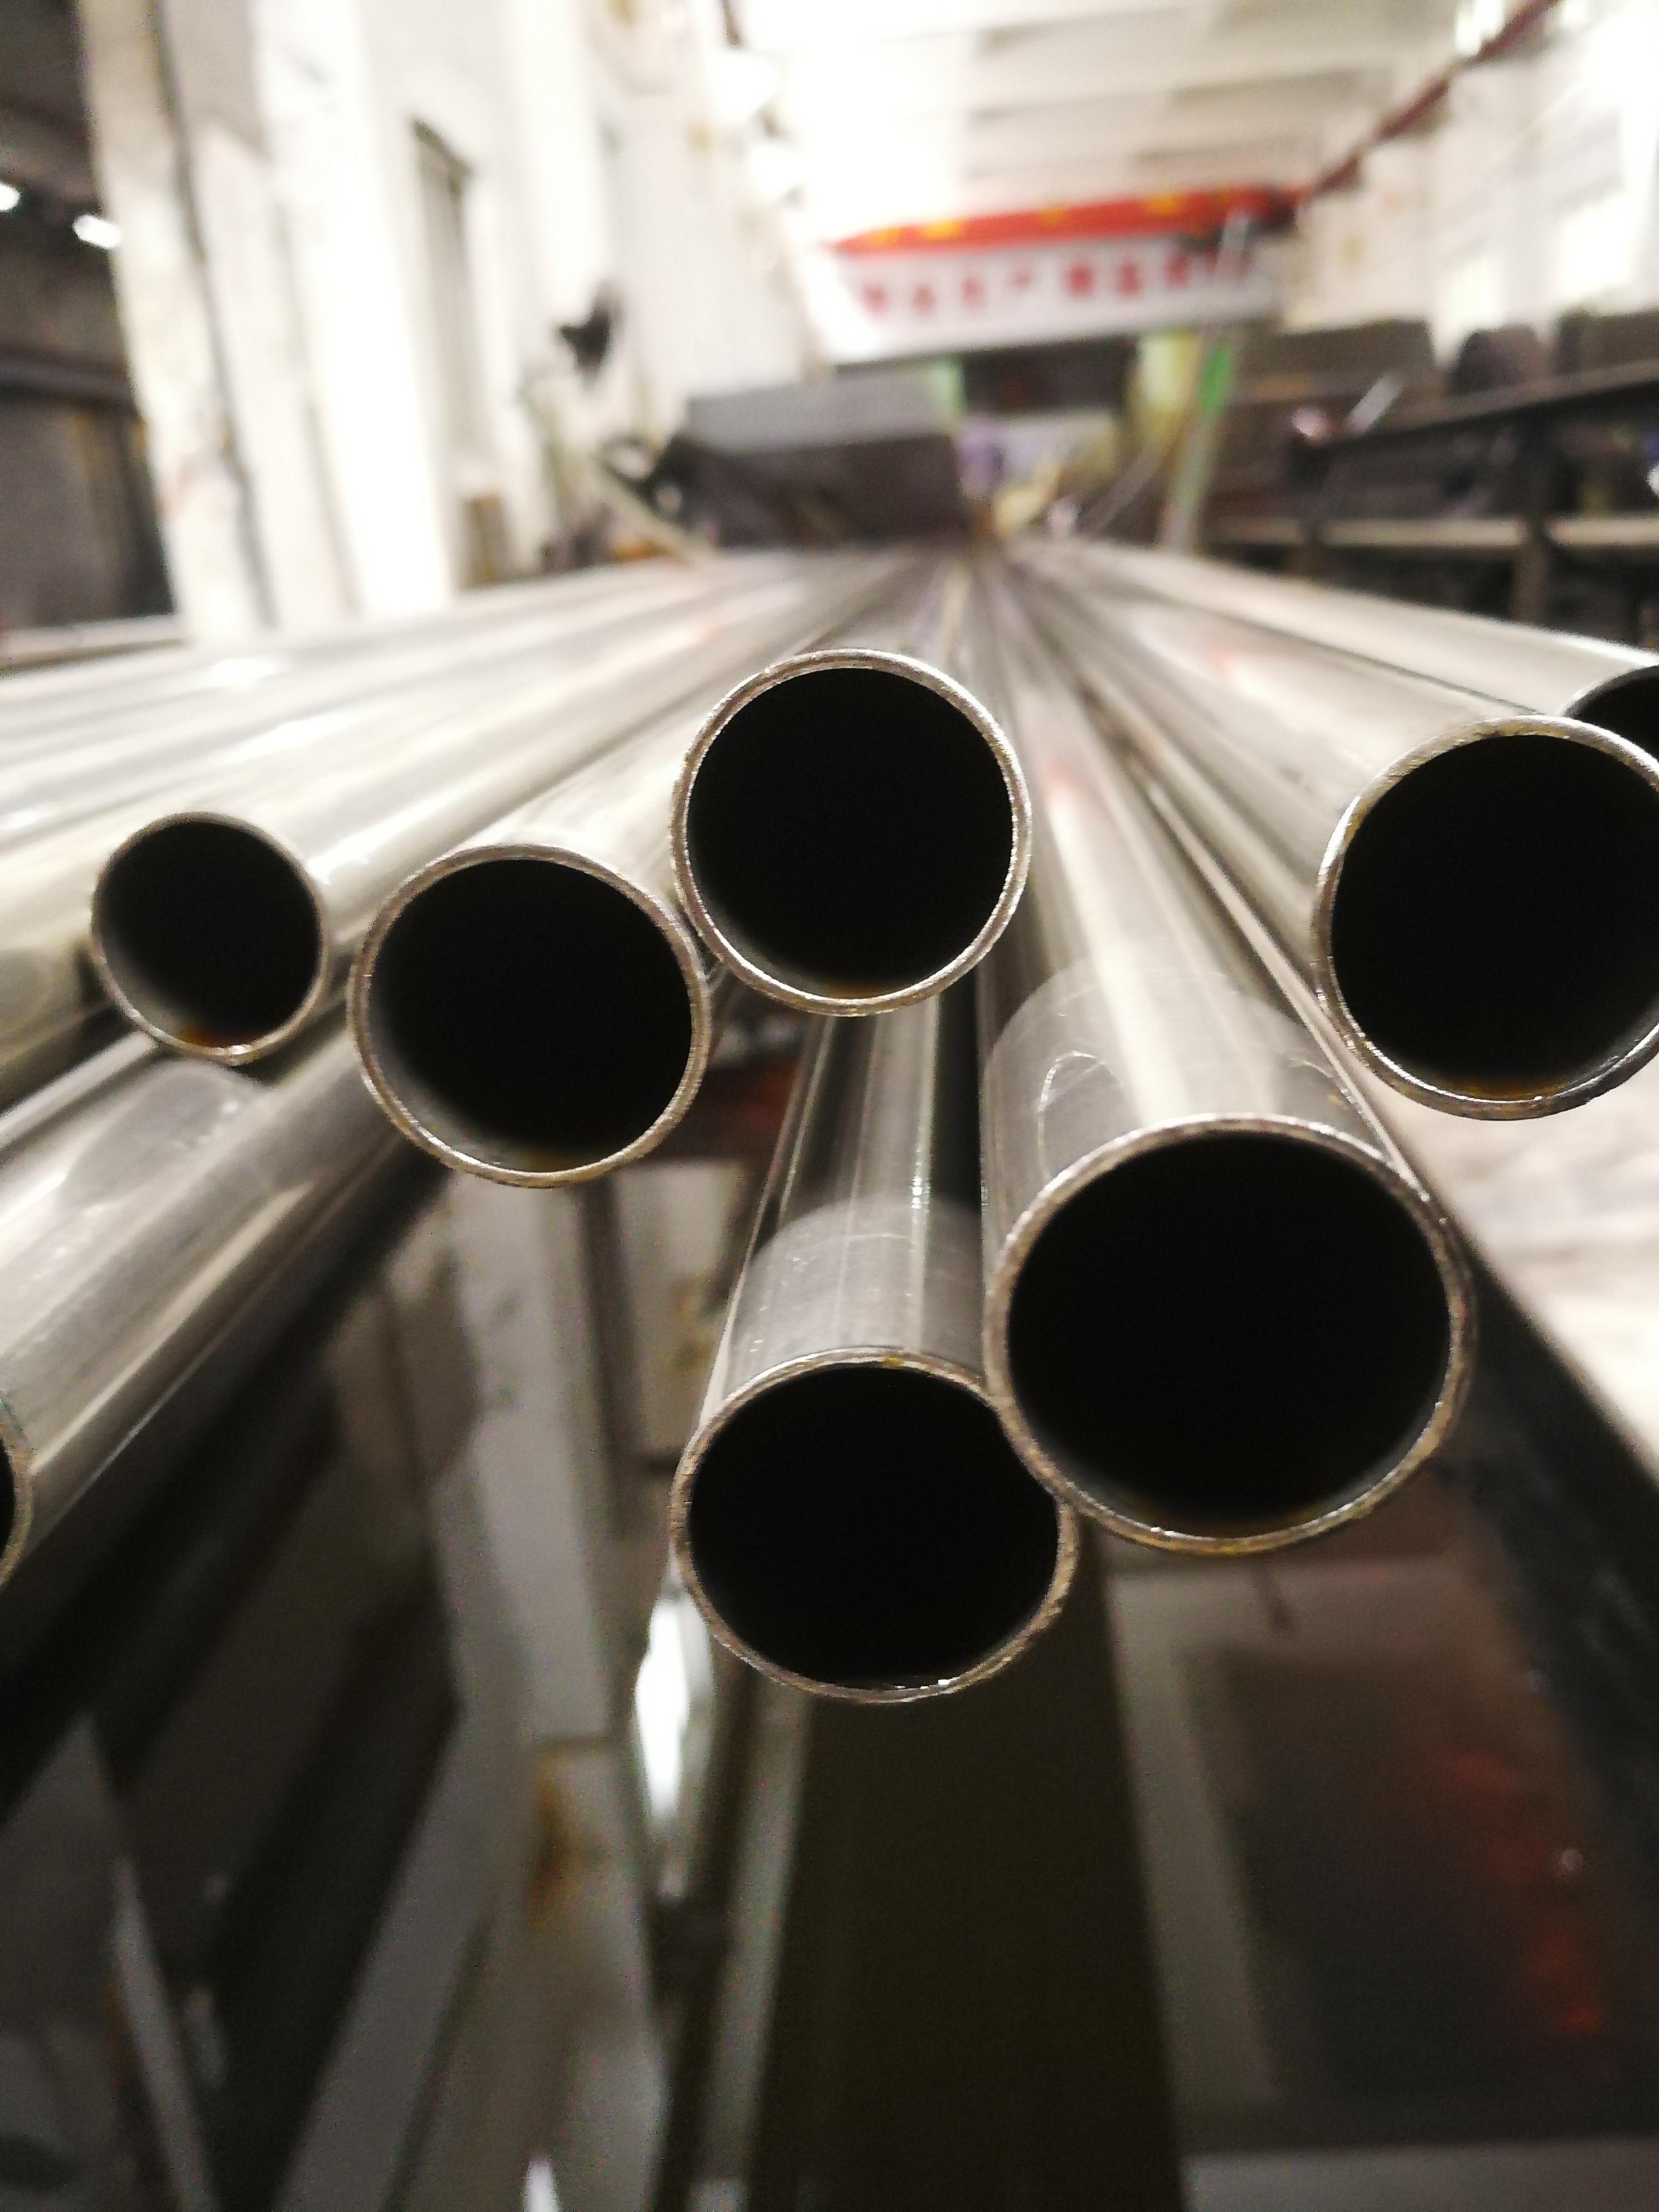 33*0.5精密不锈钢管原料的抛光性能取决于管坯表面质量(图3)